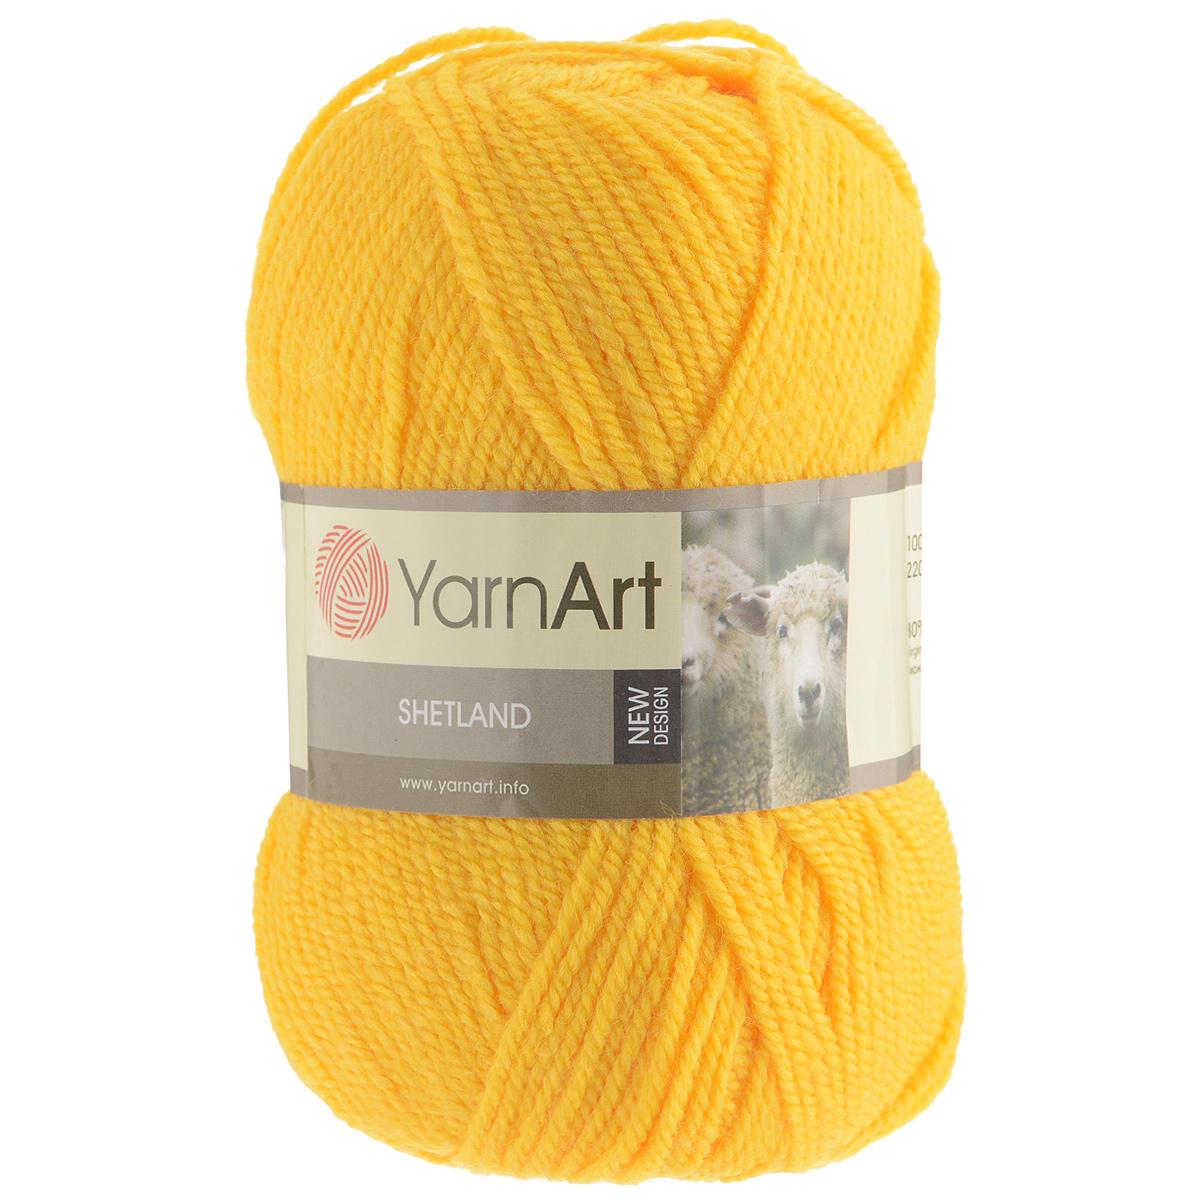 Пряжа для вязания YarnArt Shetland, цвет: желтый (506), 220 м, 100 г, 5 шт372069_506Пряжа для вязания YarnArt Shetland изготовлена из шерсти и акрила. При взгляде на моток сразу видно, что вещи из этой пряжи будут выглядеть дорого. Изделия из этой пряжи не скатываются и не деформируются. Пряжа очень легка в работе, даже при роспуске полотна она не цепляется и не путается. Ниточка теплая и уютная, отлично подходит для нашей морозной зимы. Даже ажурные шапки и шарфы при всей своей тонкости будут самыми надежными защитниками от снега и сильного ветра. Очень хорошо смотрятся из этой шерсти узоры из кос и жгутов. Рекомендованные спицы 4,5 мм и крючок 5 мм. Комплектация: 5 мотков. Состав: 30% шерсть, 70% акрил.